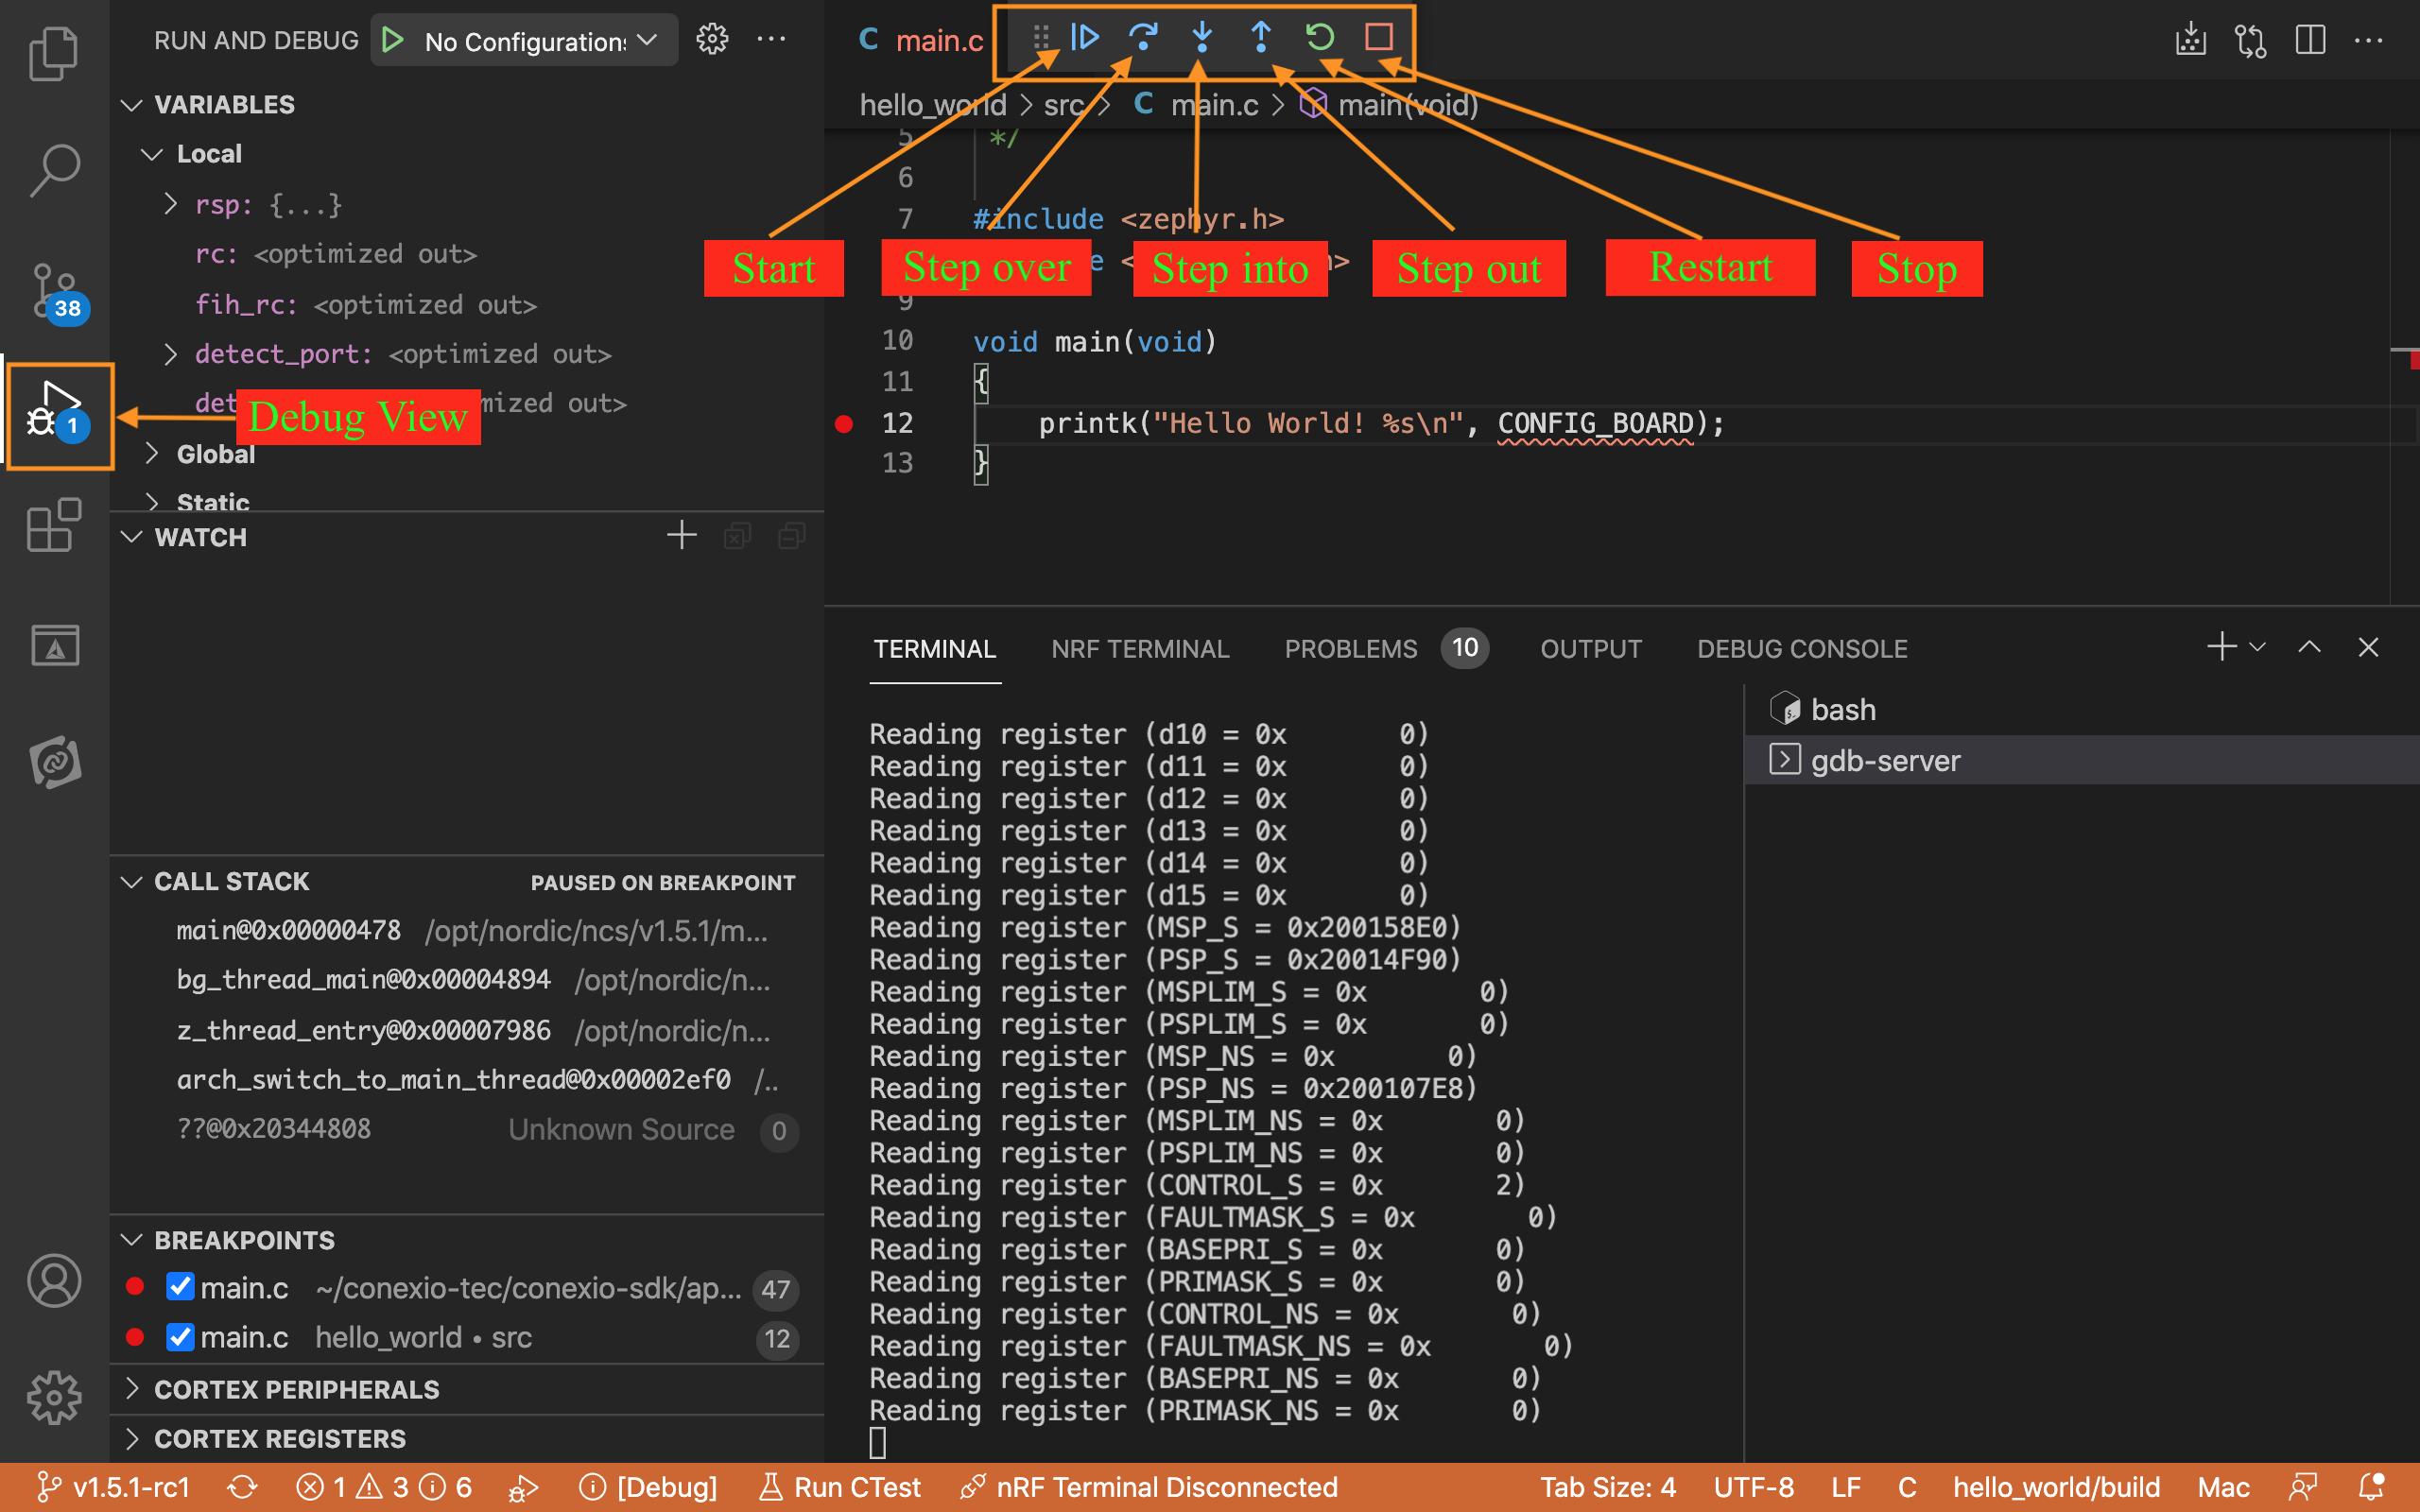 debug_session